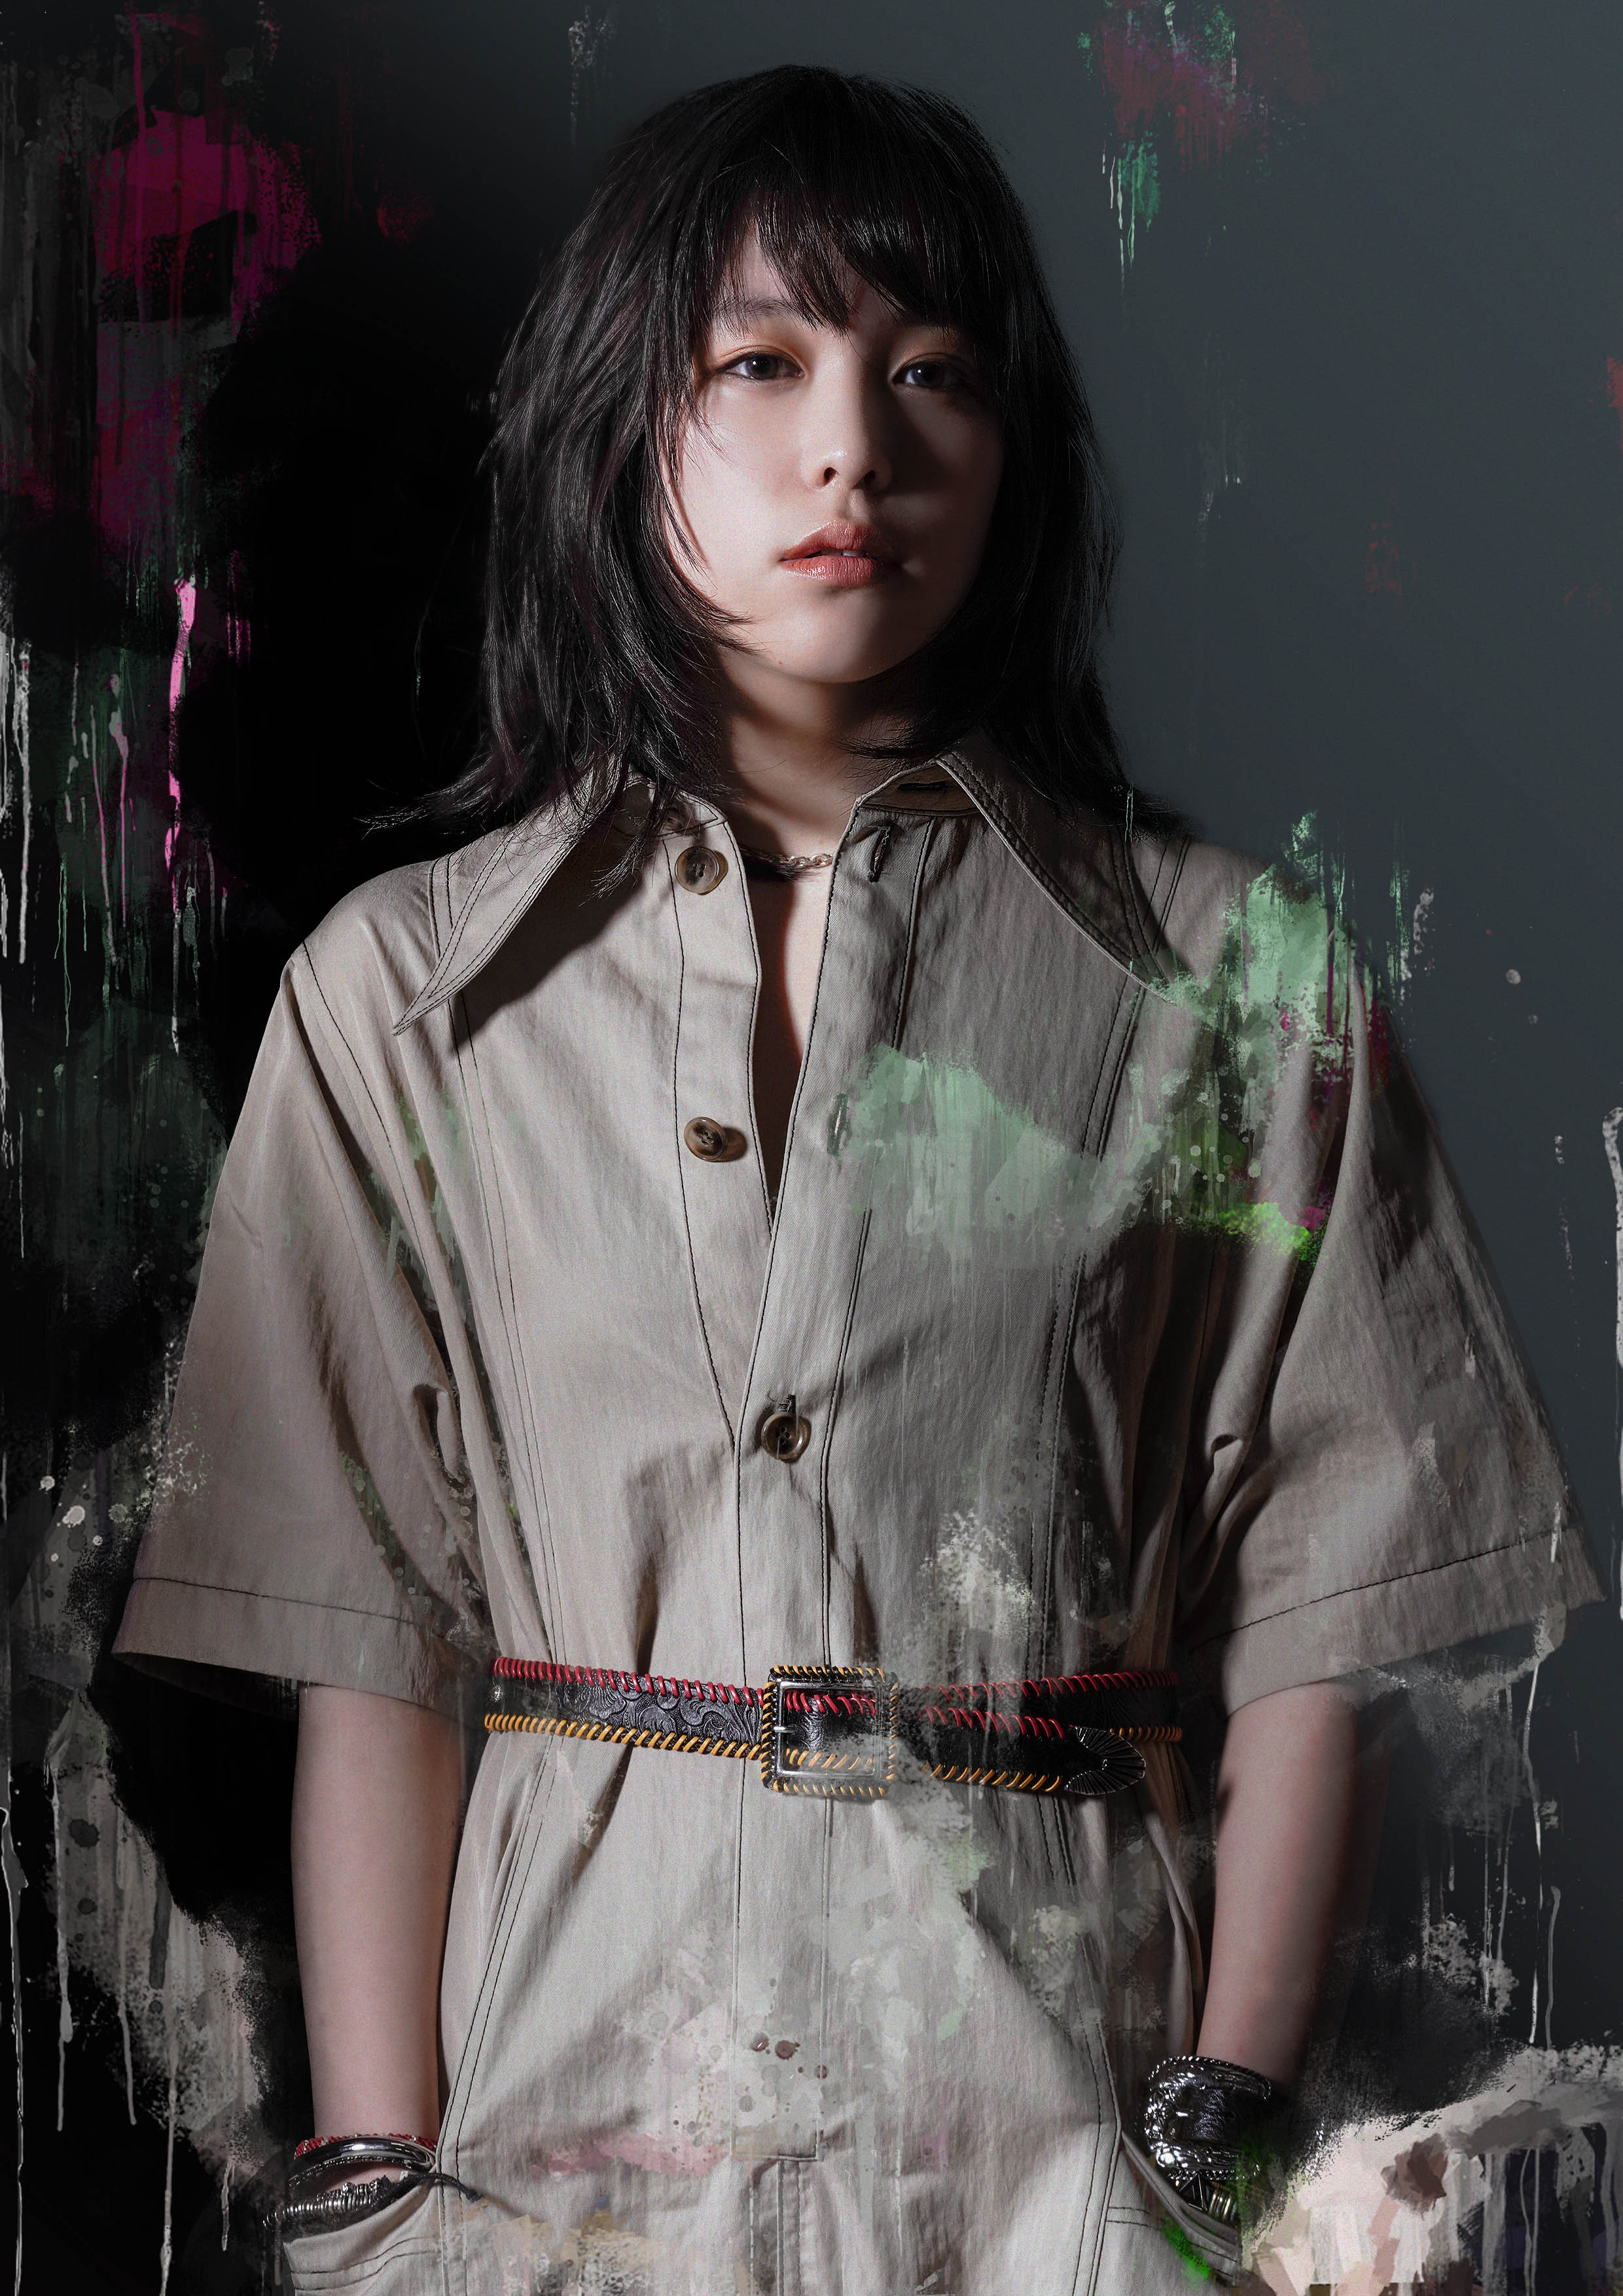 みゆな、新曲「ソレイユ」がドラマ『ひまわりっ~宮崎レジェンド~』の主題歌に決定